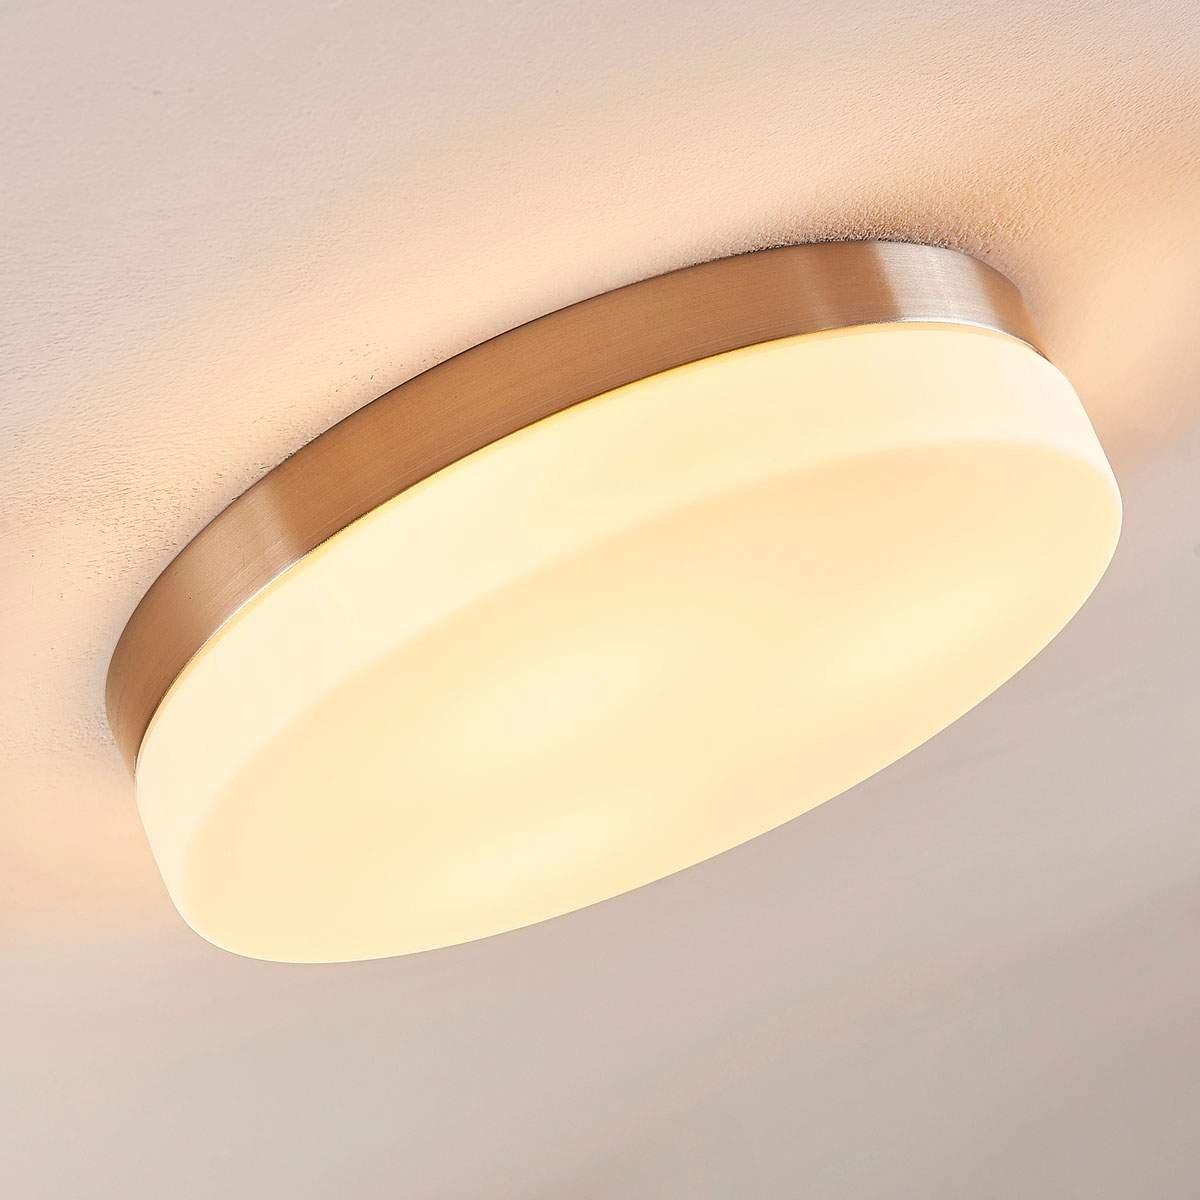 Lampenwelt Deckenleuchteamilia Dimmbar Spritzwassergeschutzt